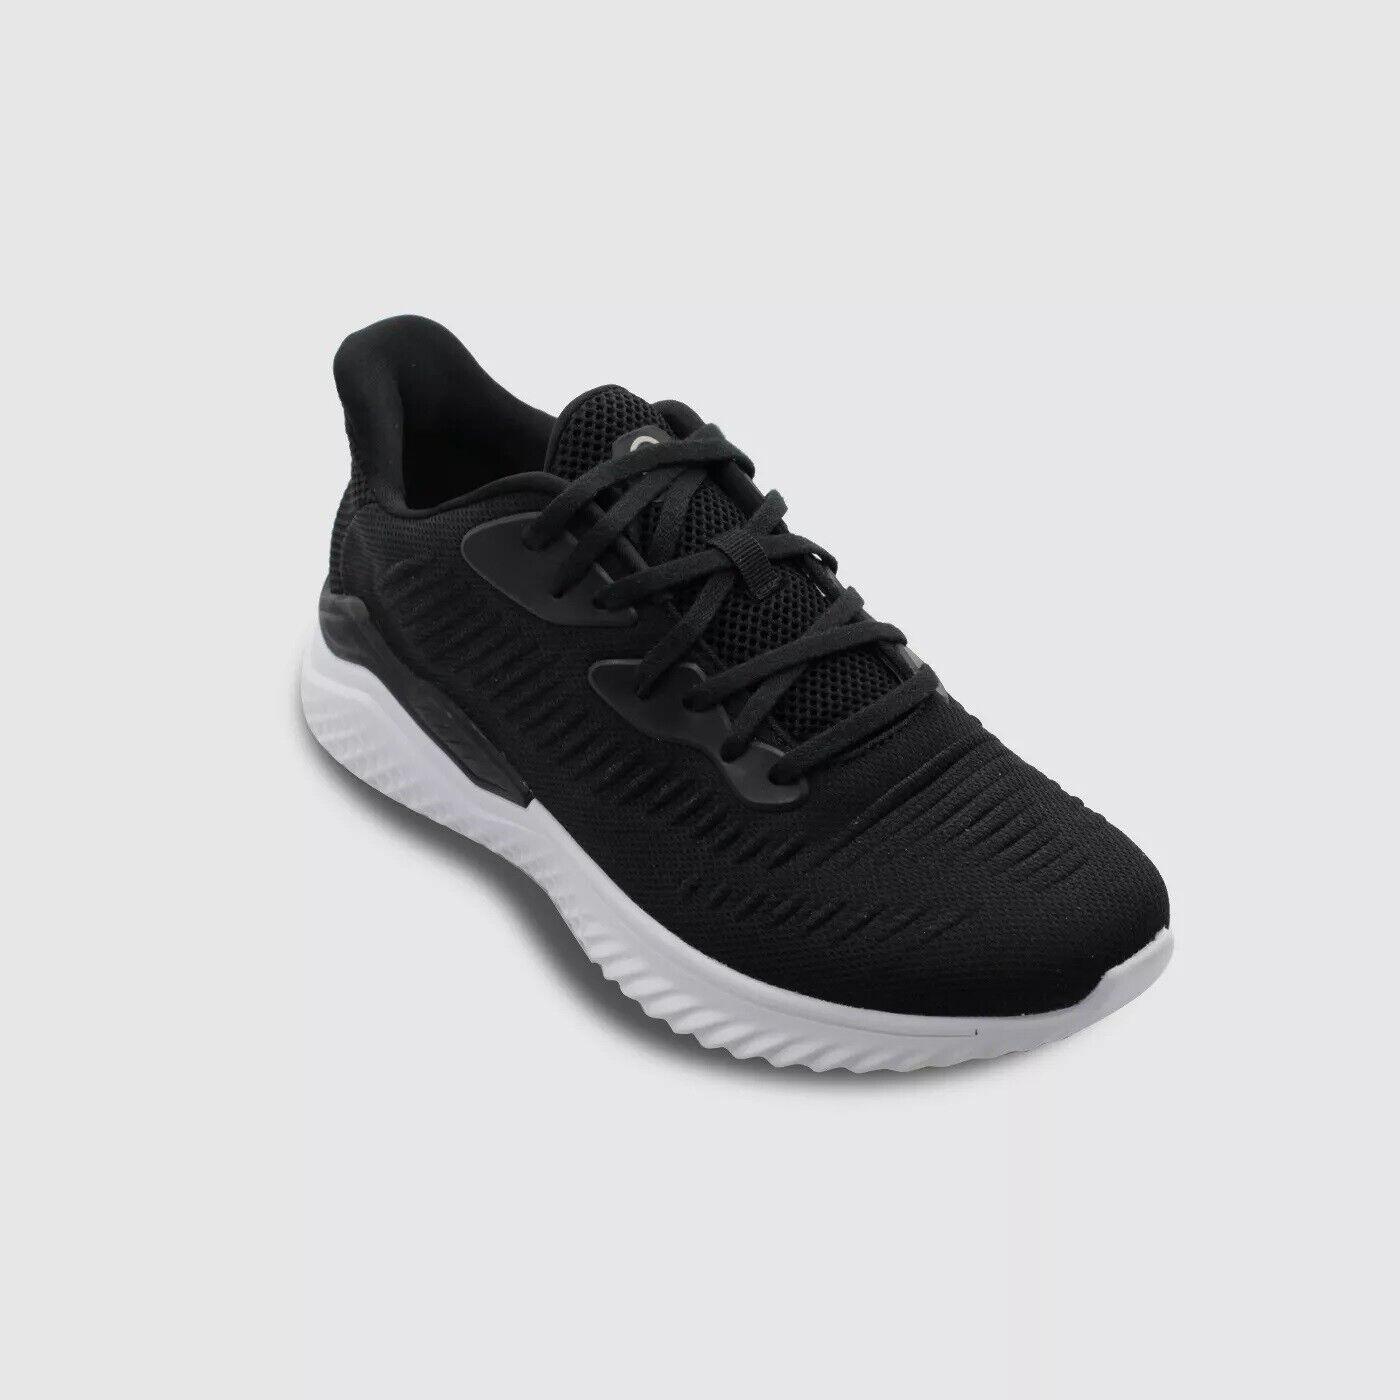 Men's Performance Athletic Shoes Craze